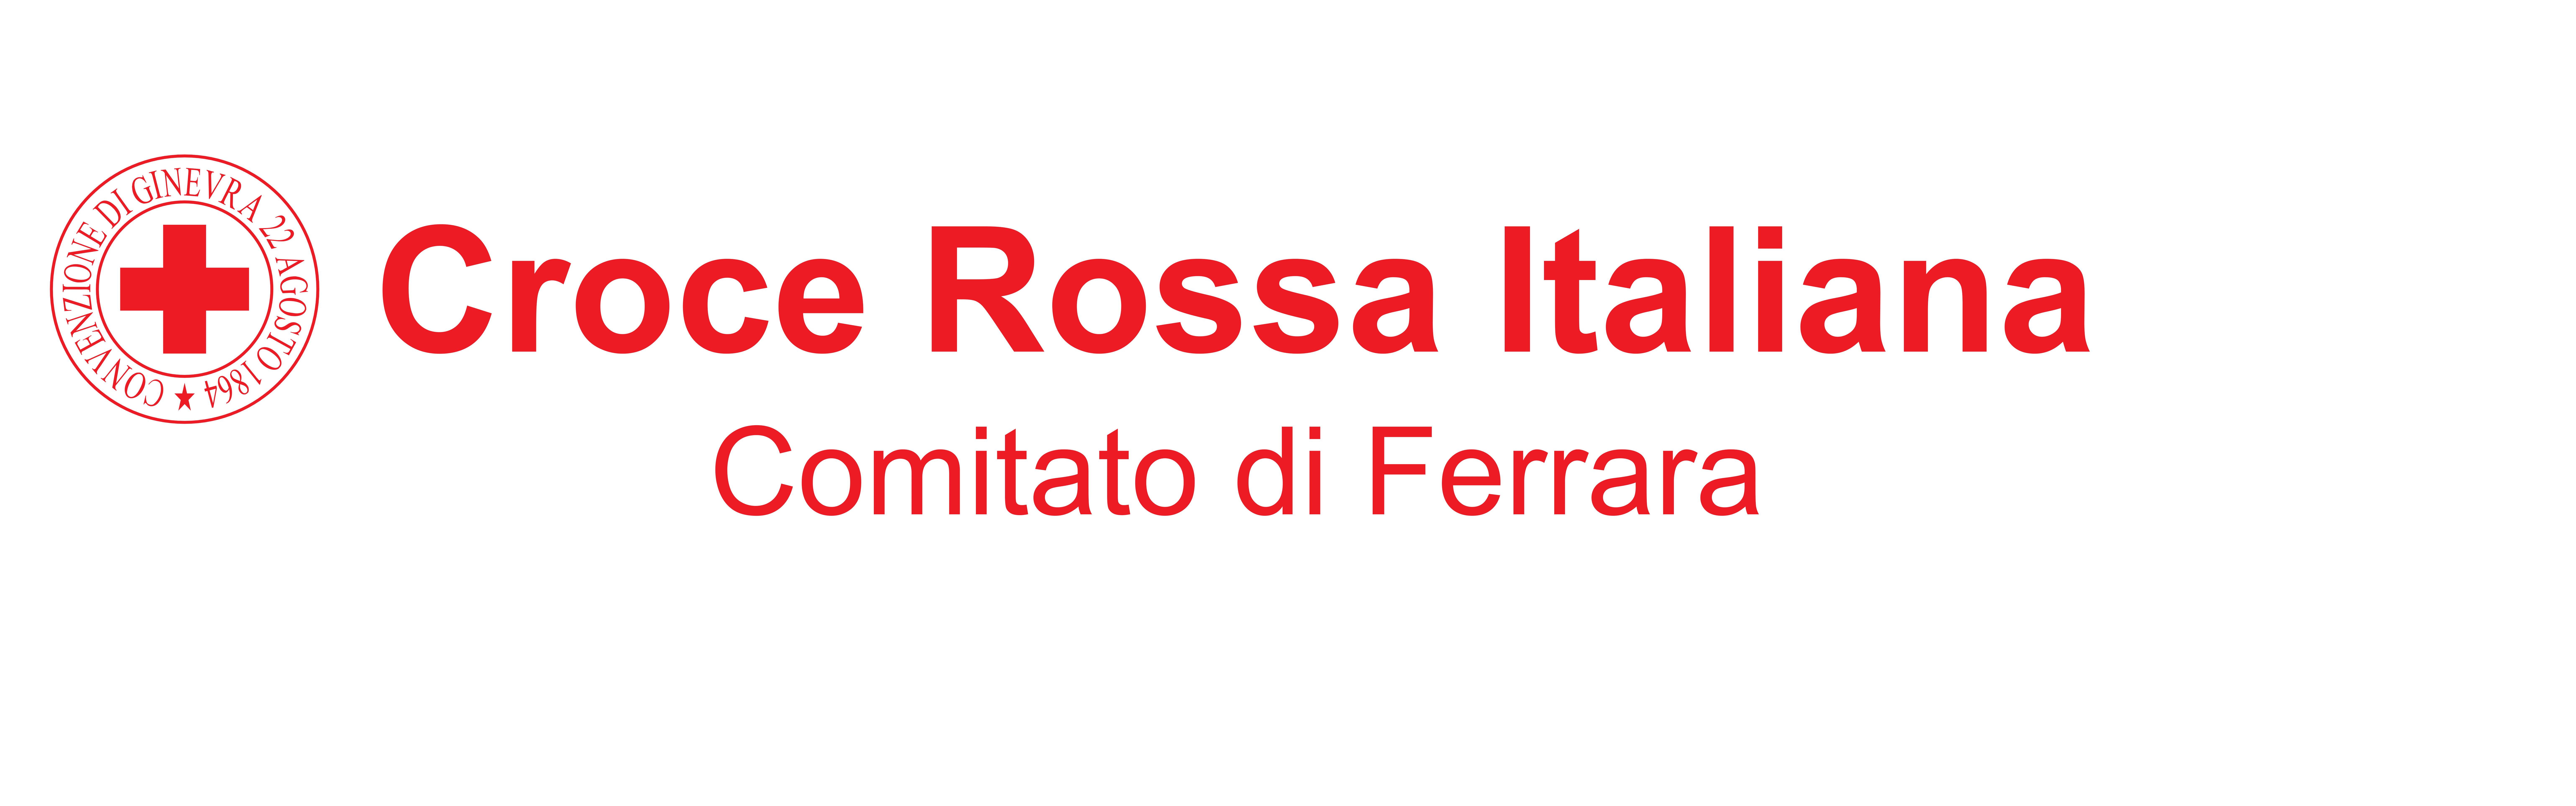 Croce Rossa Italiana - Comitato di Ferrara